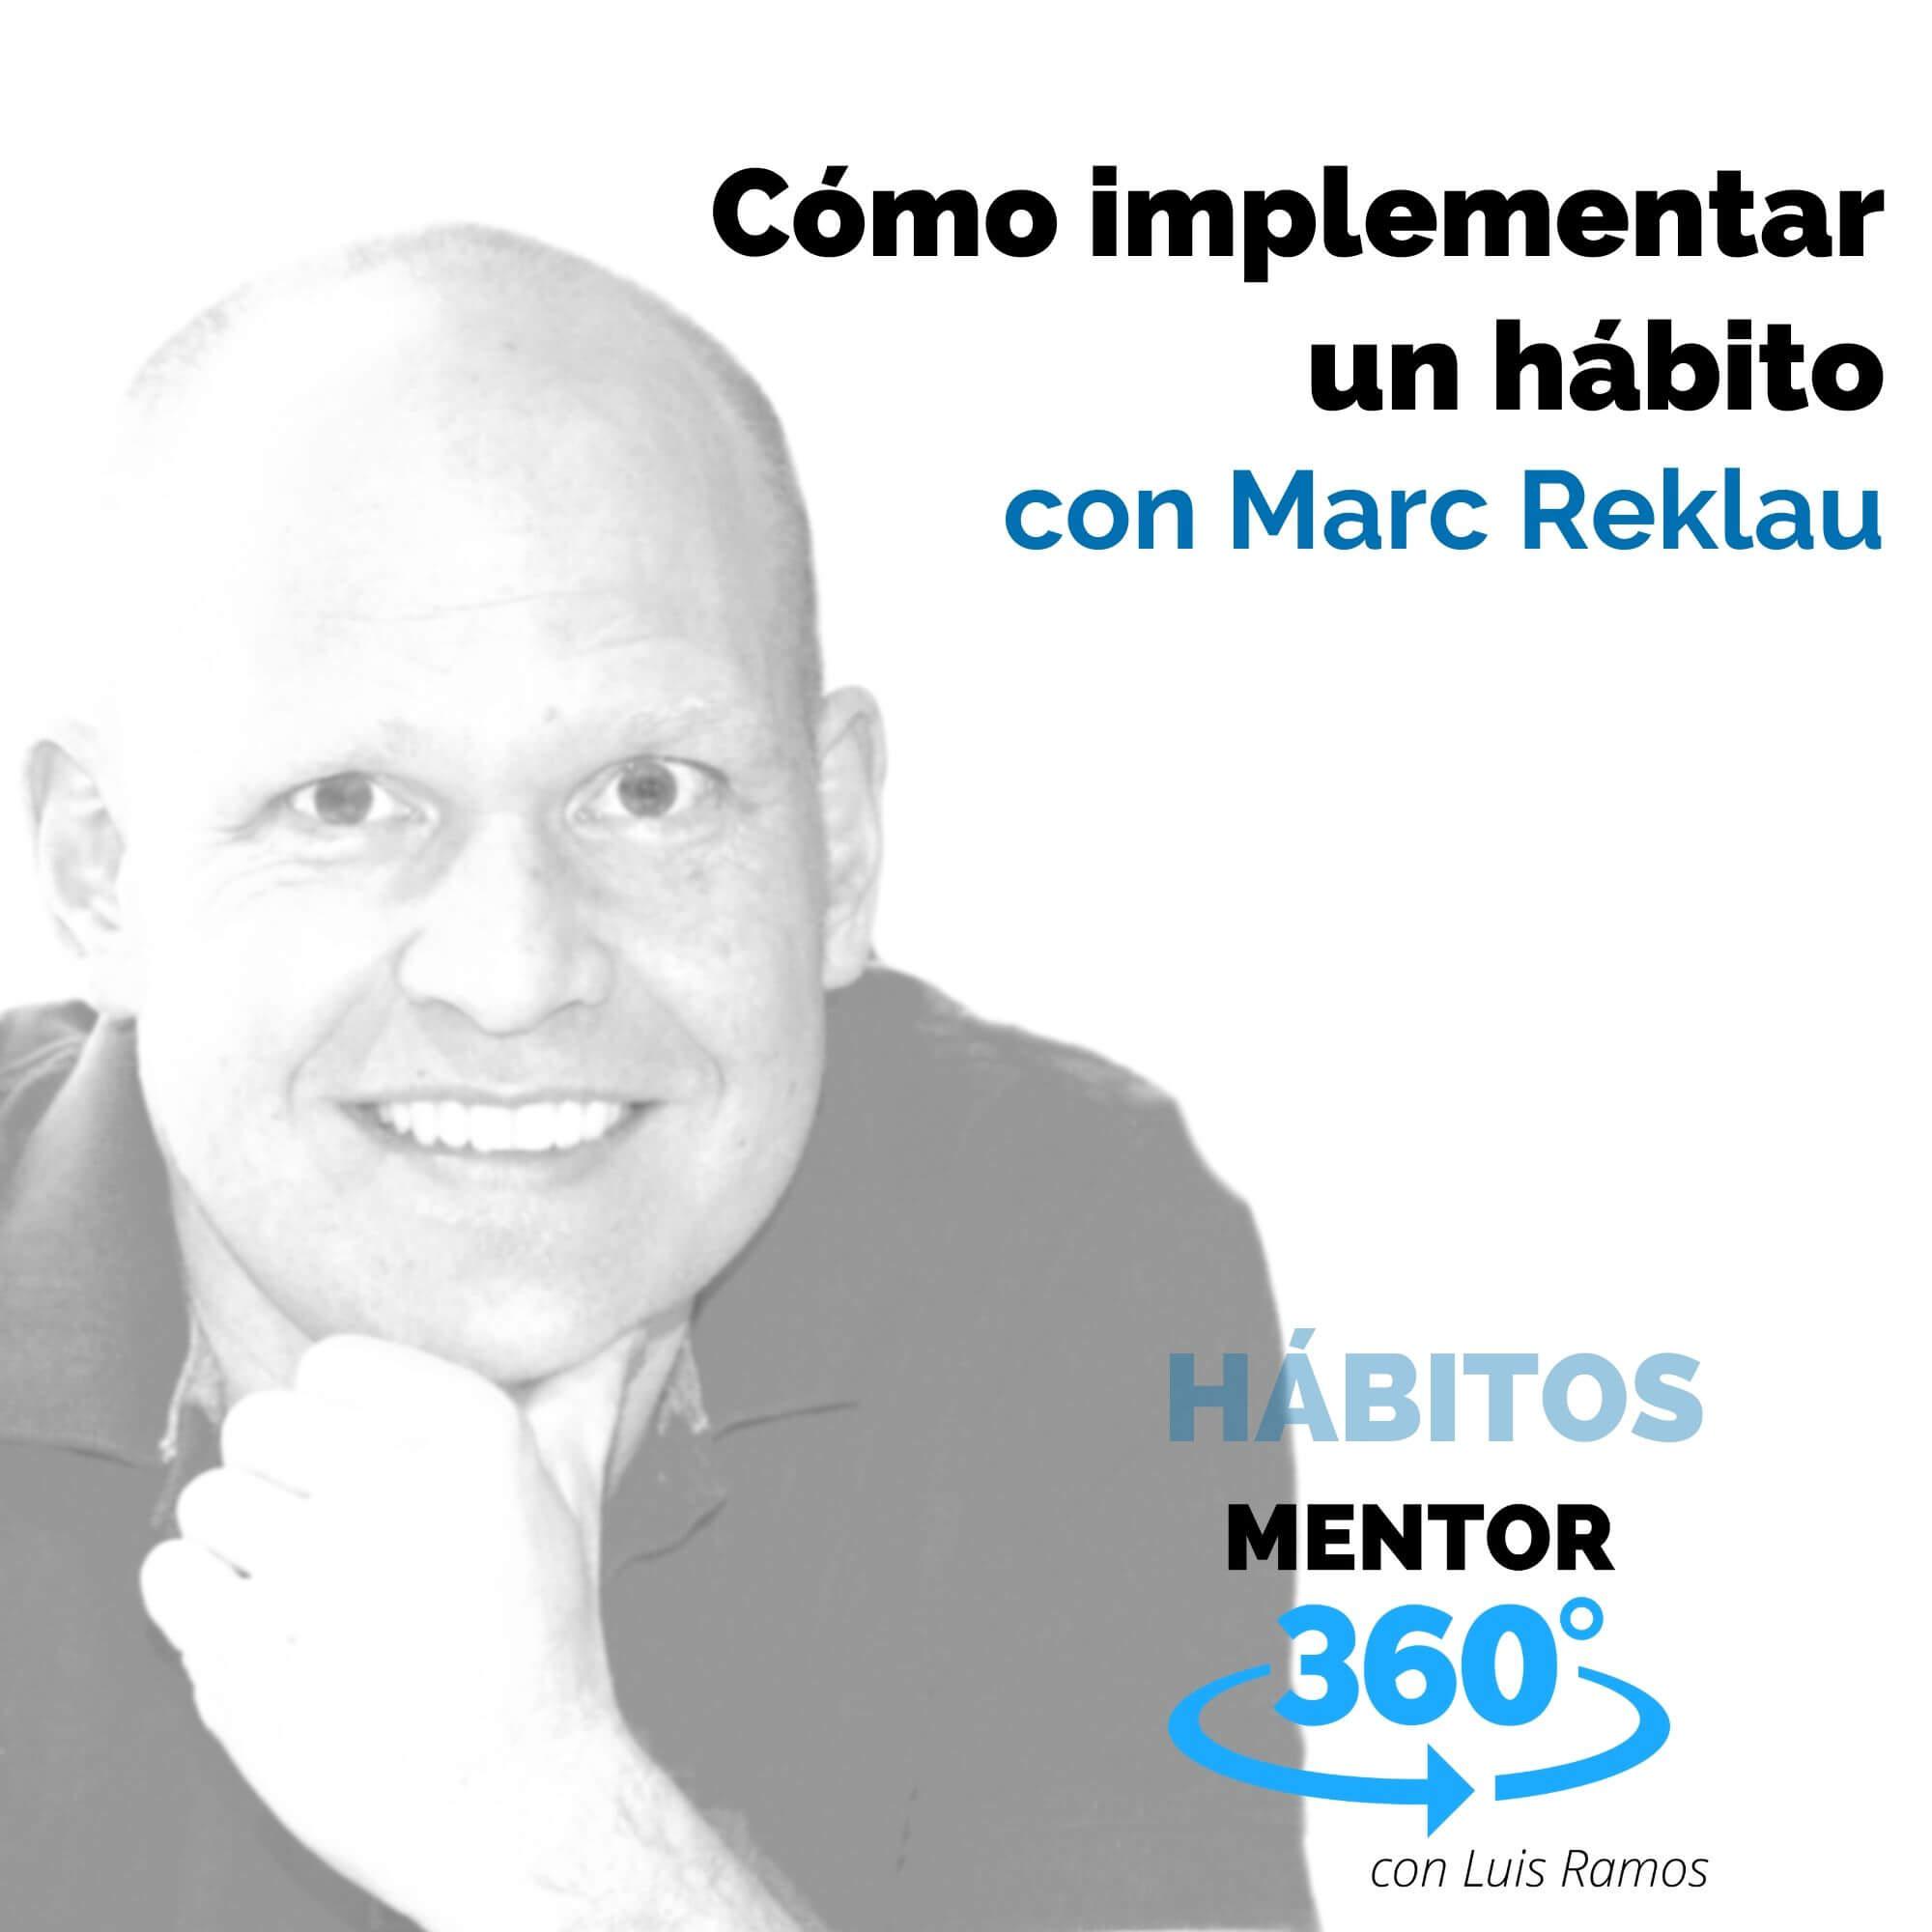 Cómo implementar un hábito, con Marc Reklau - HÁBITOS